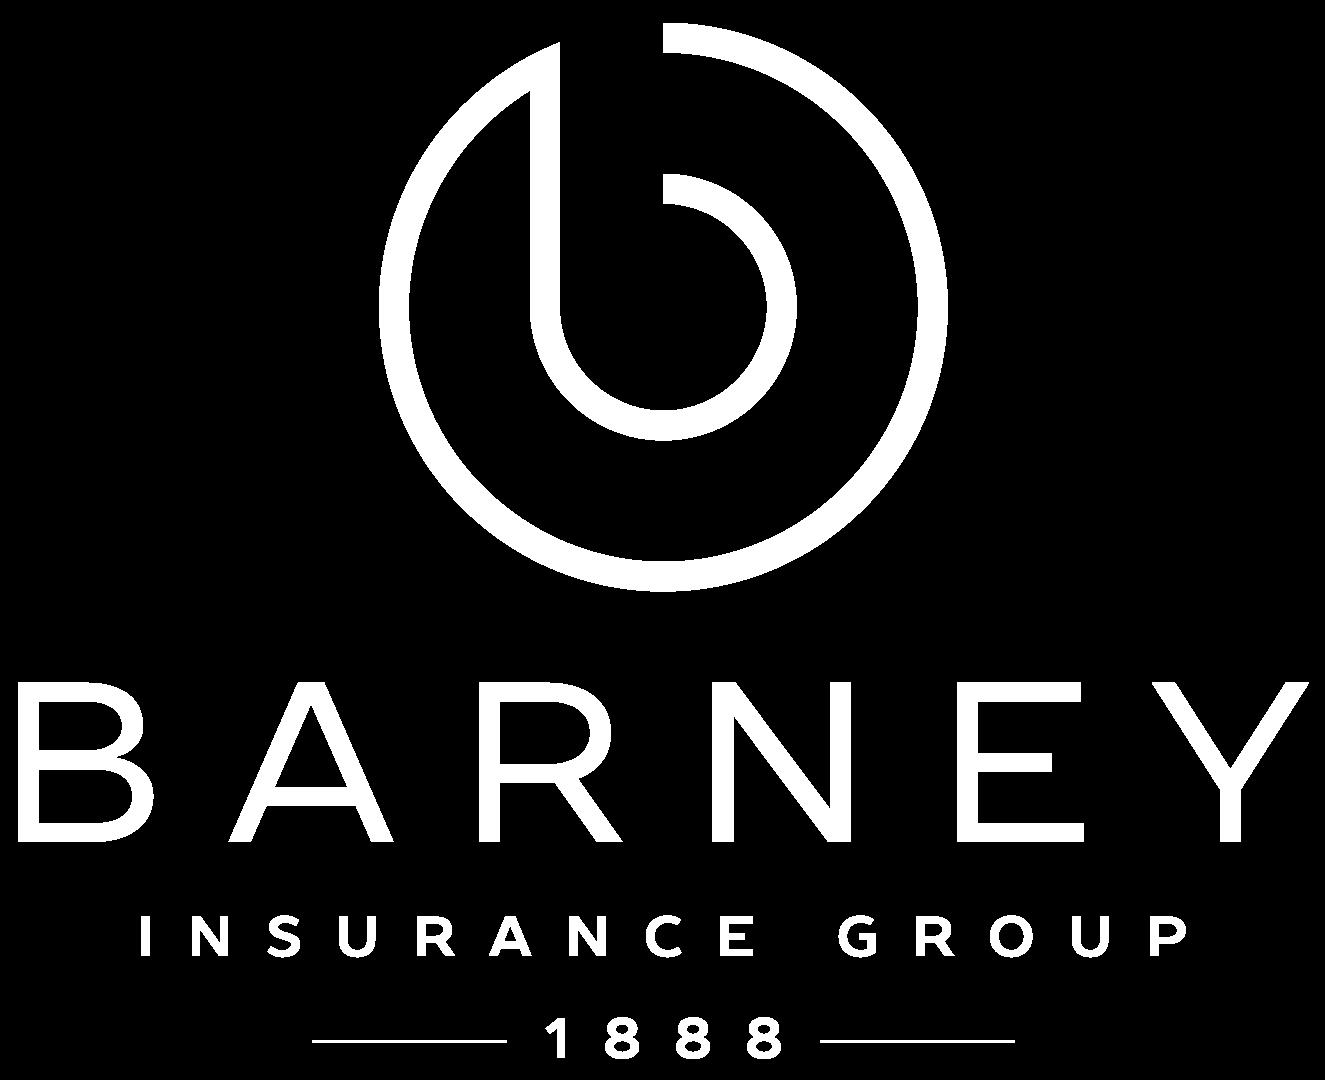 barney white logo